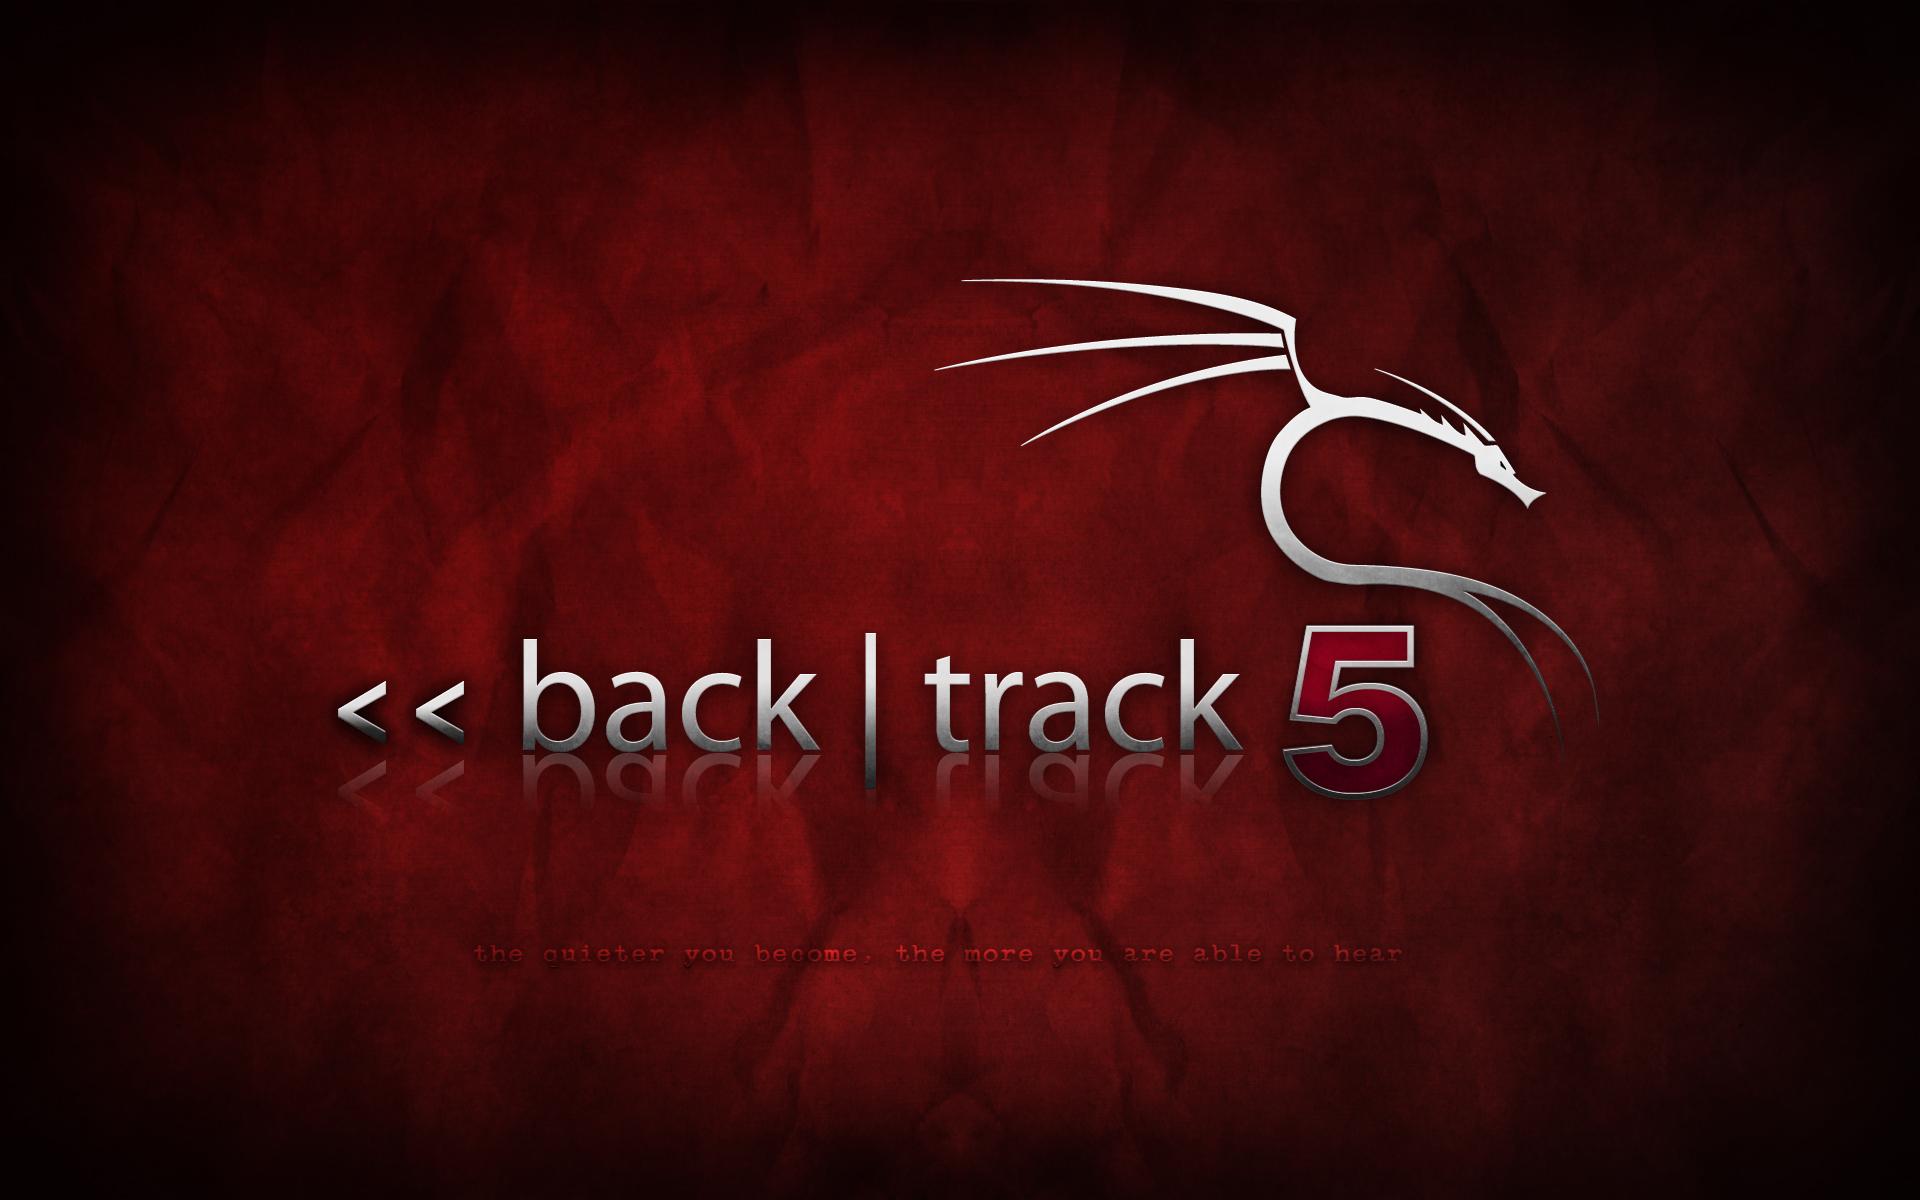 Alla scoperta di Backtrack: L'OS degli Hacker